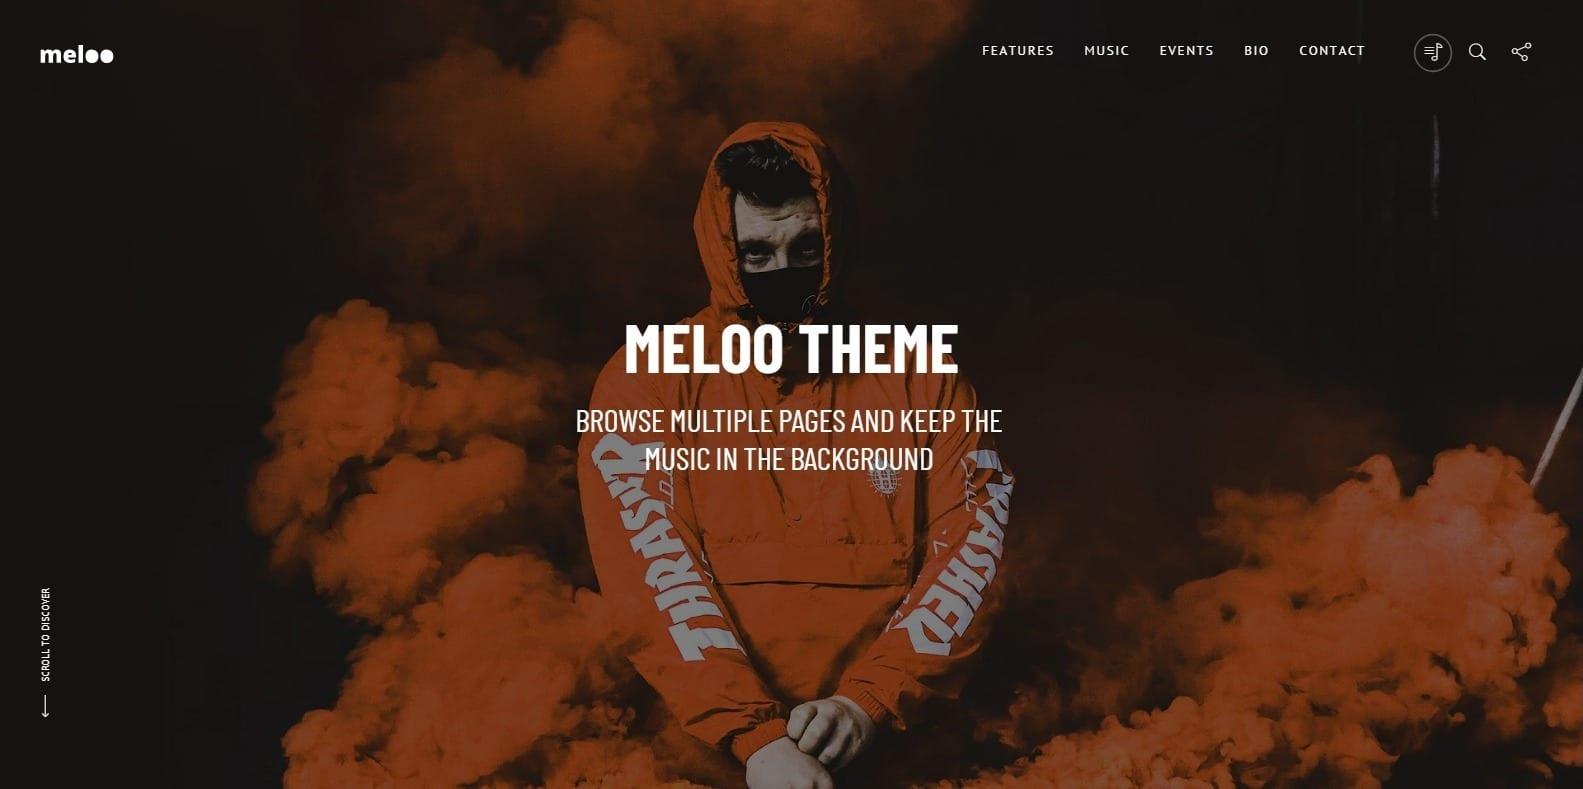 meeloo-dj-website-template